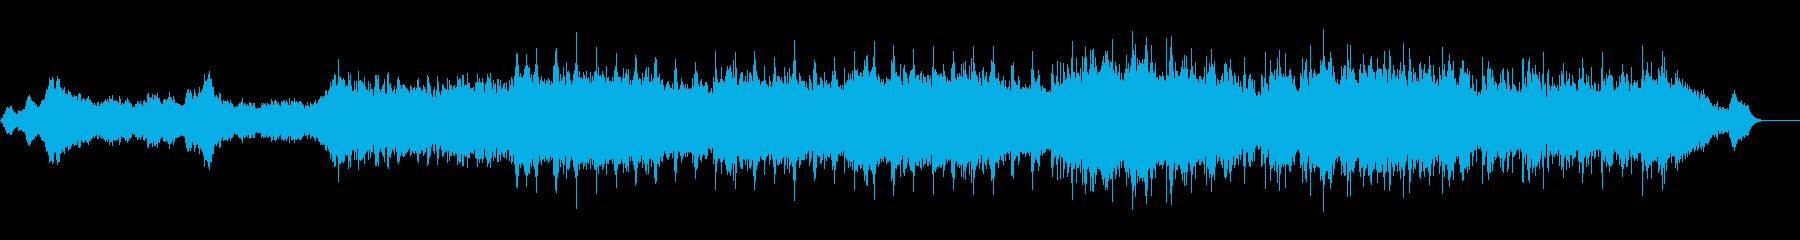 神秘的かつスペーシーなアンビエントの再生済みの波形